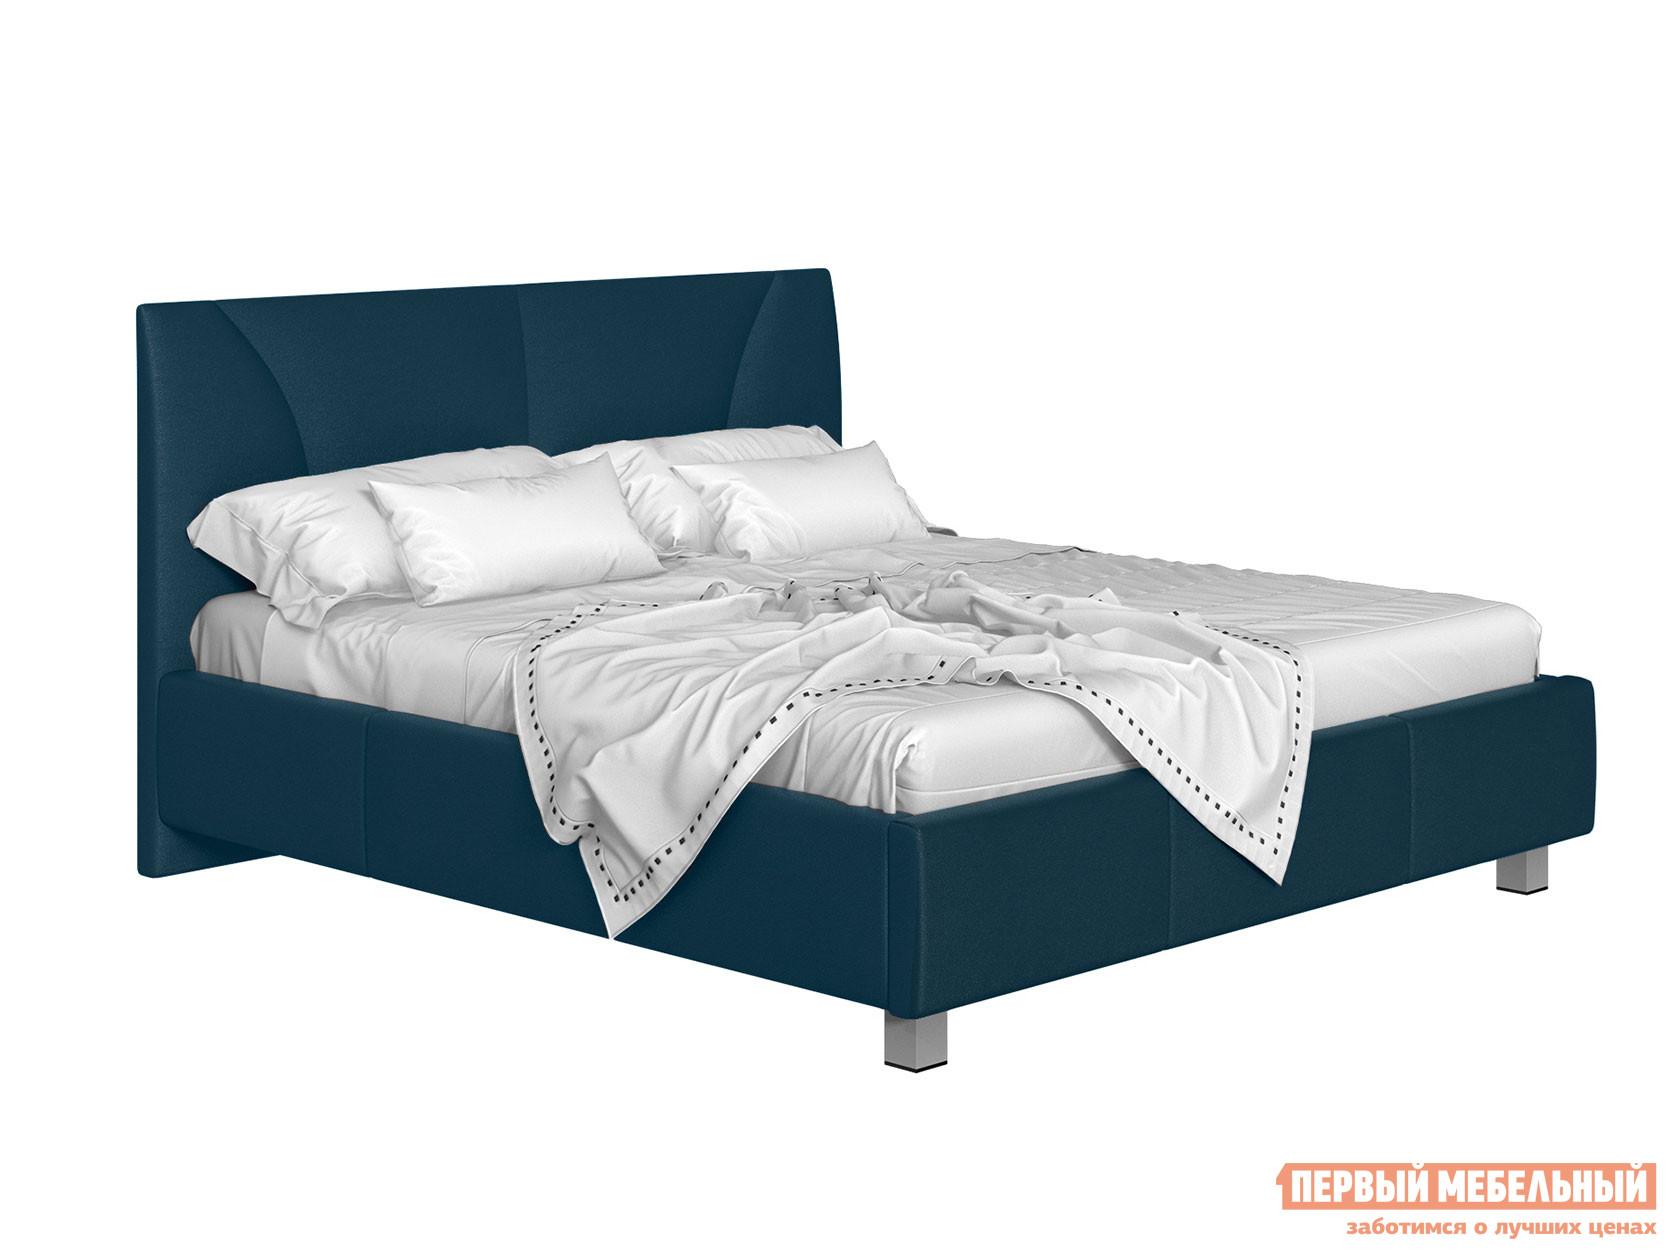 Двуспальная кровать  Кровать с подъемным механизмом Севилья Синий, экокожа, 140х200 см